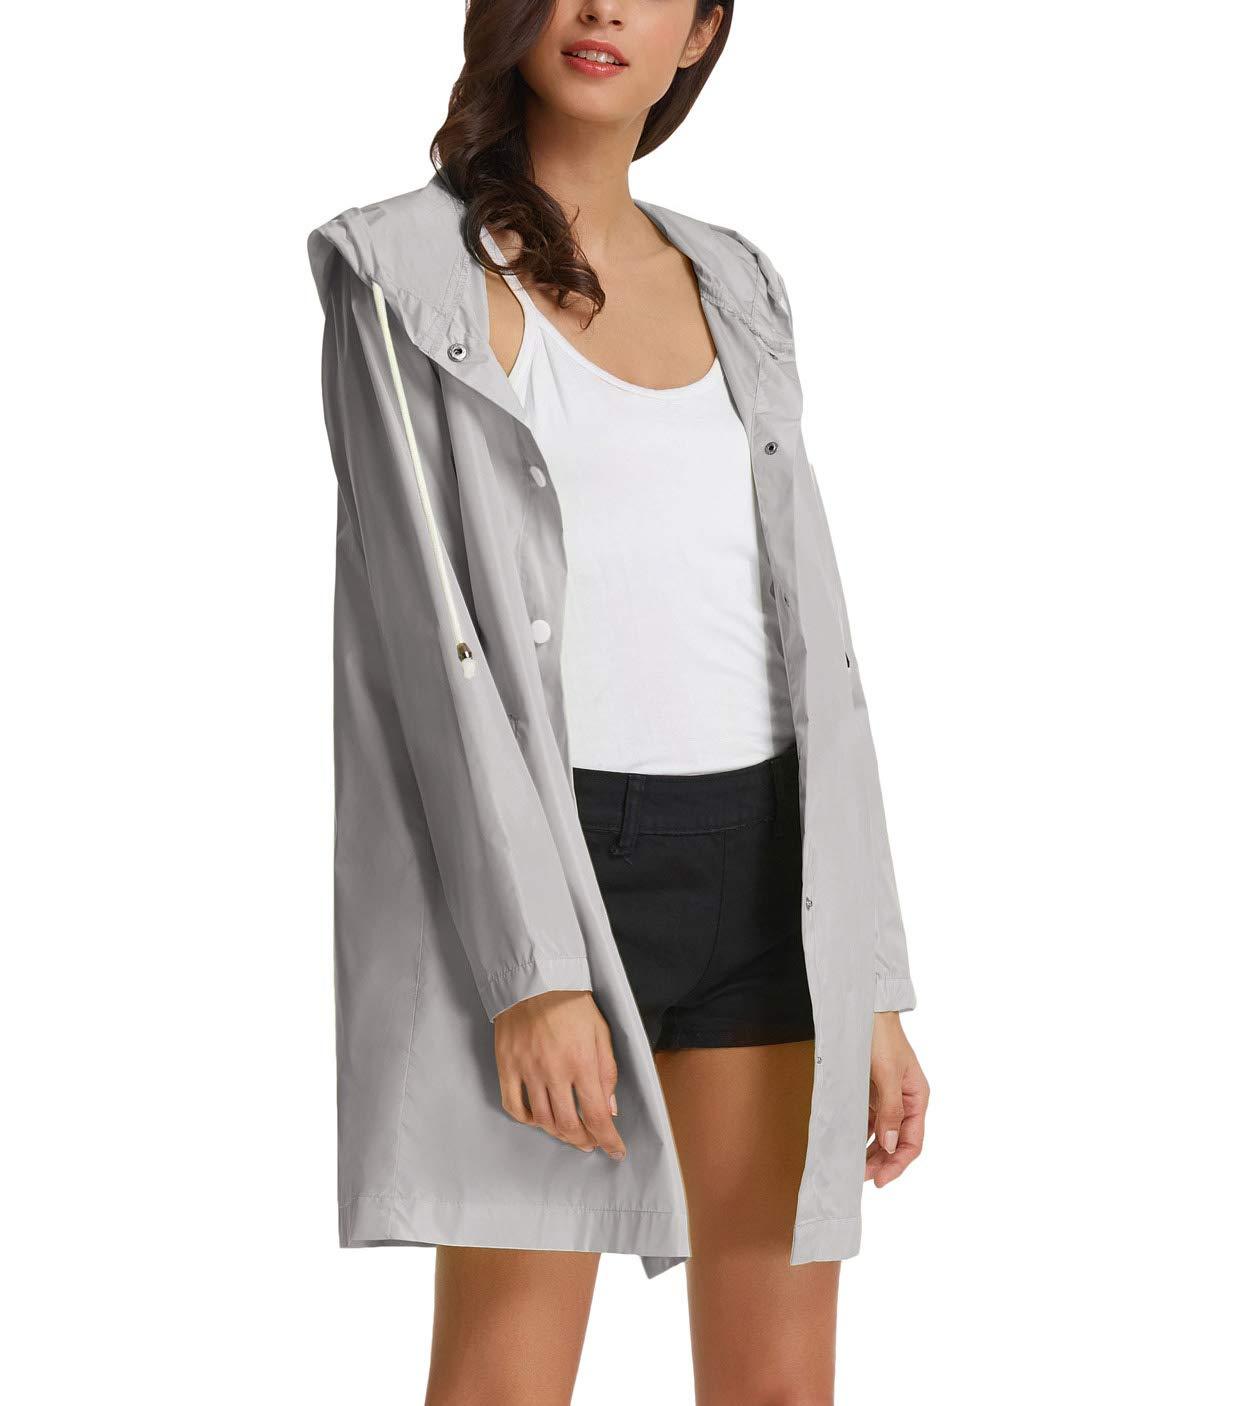 GRACE KARIN Active Lightweight Hooded Waterproof Outdoor Raincoat Jacket